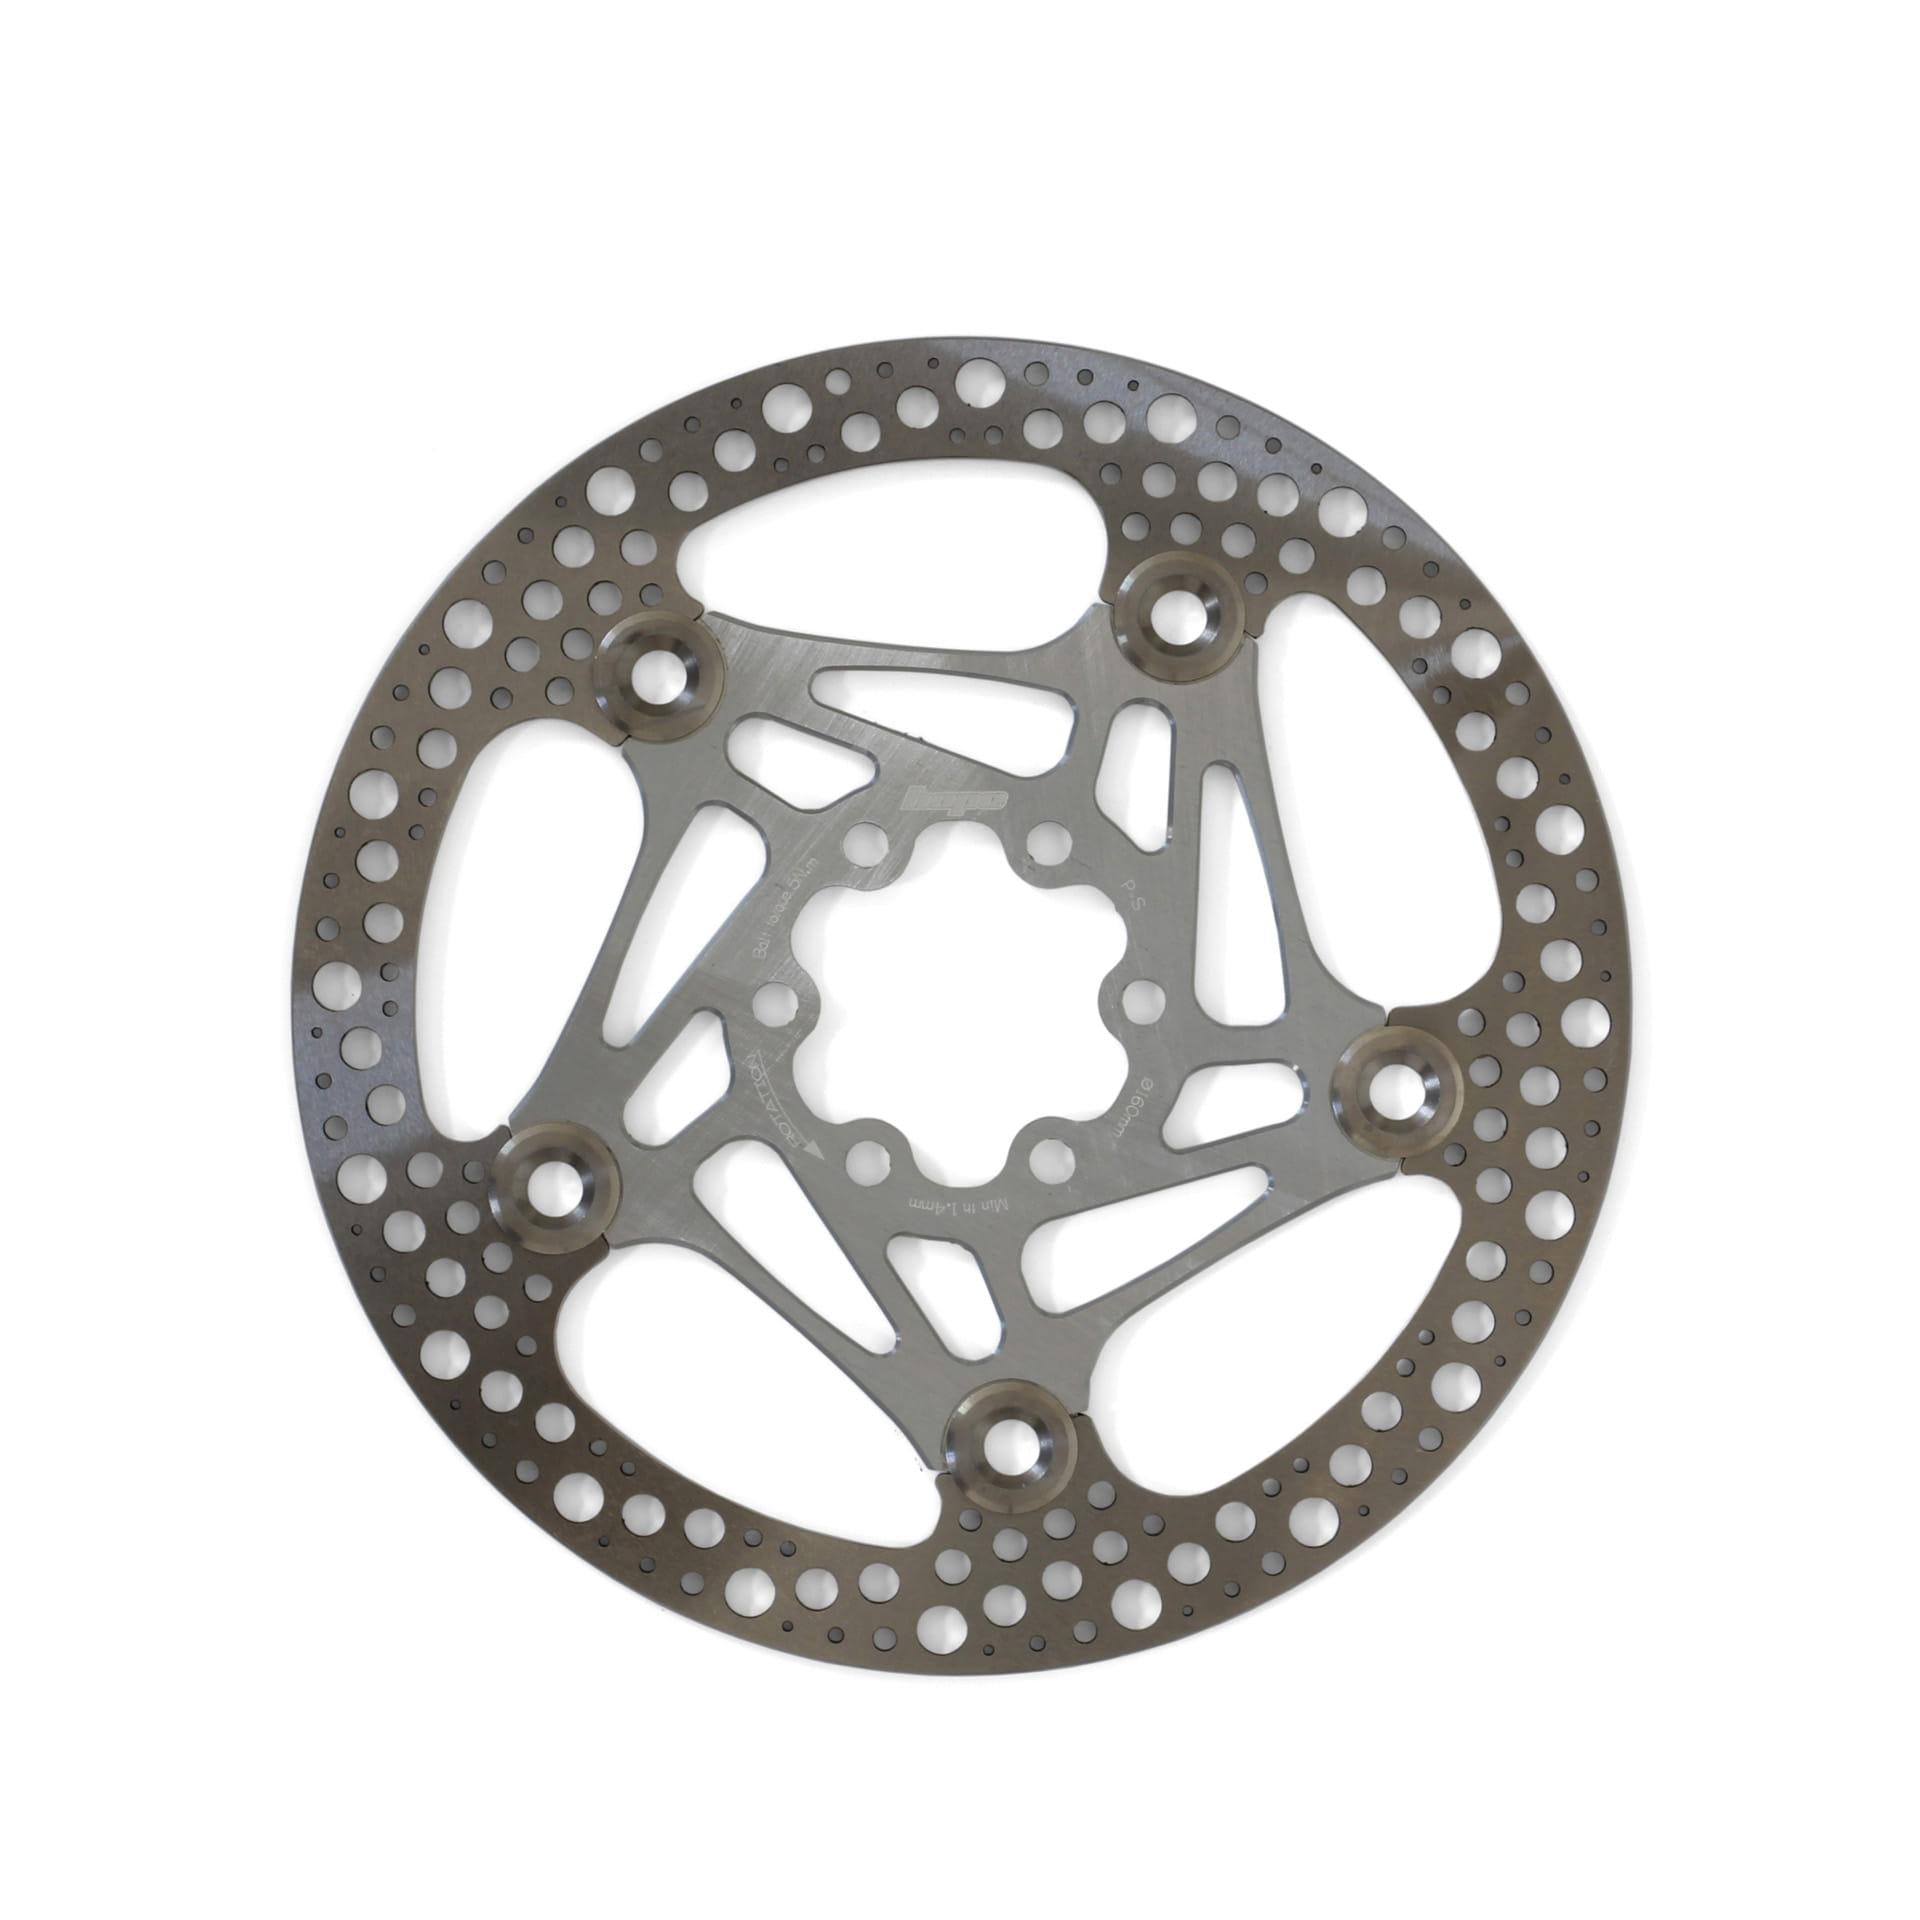 Hope Road Rotor 160mm Bremsscheibe - silber online kaufen | BMO Bike-Mailorder